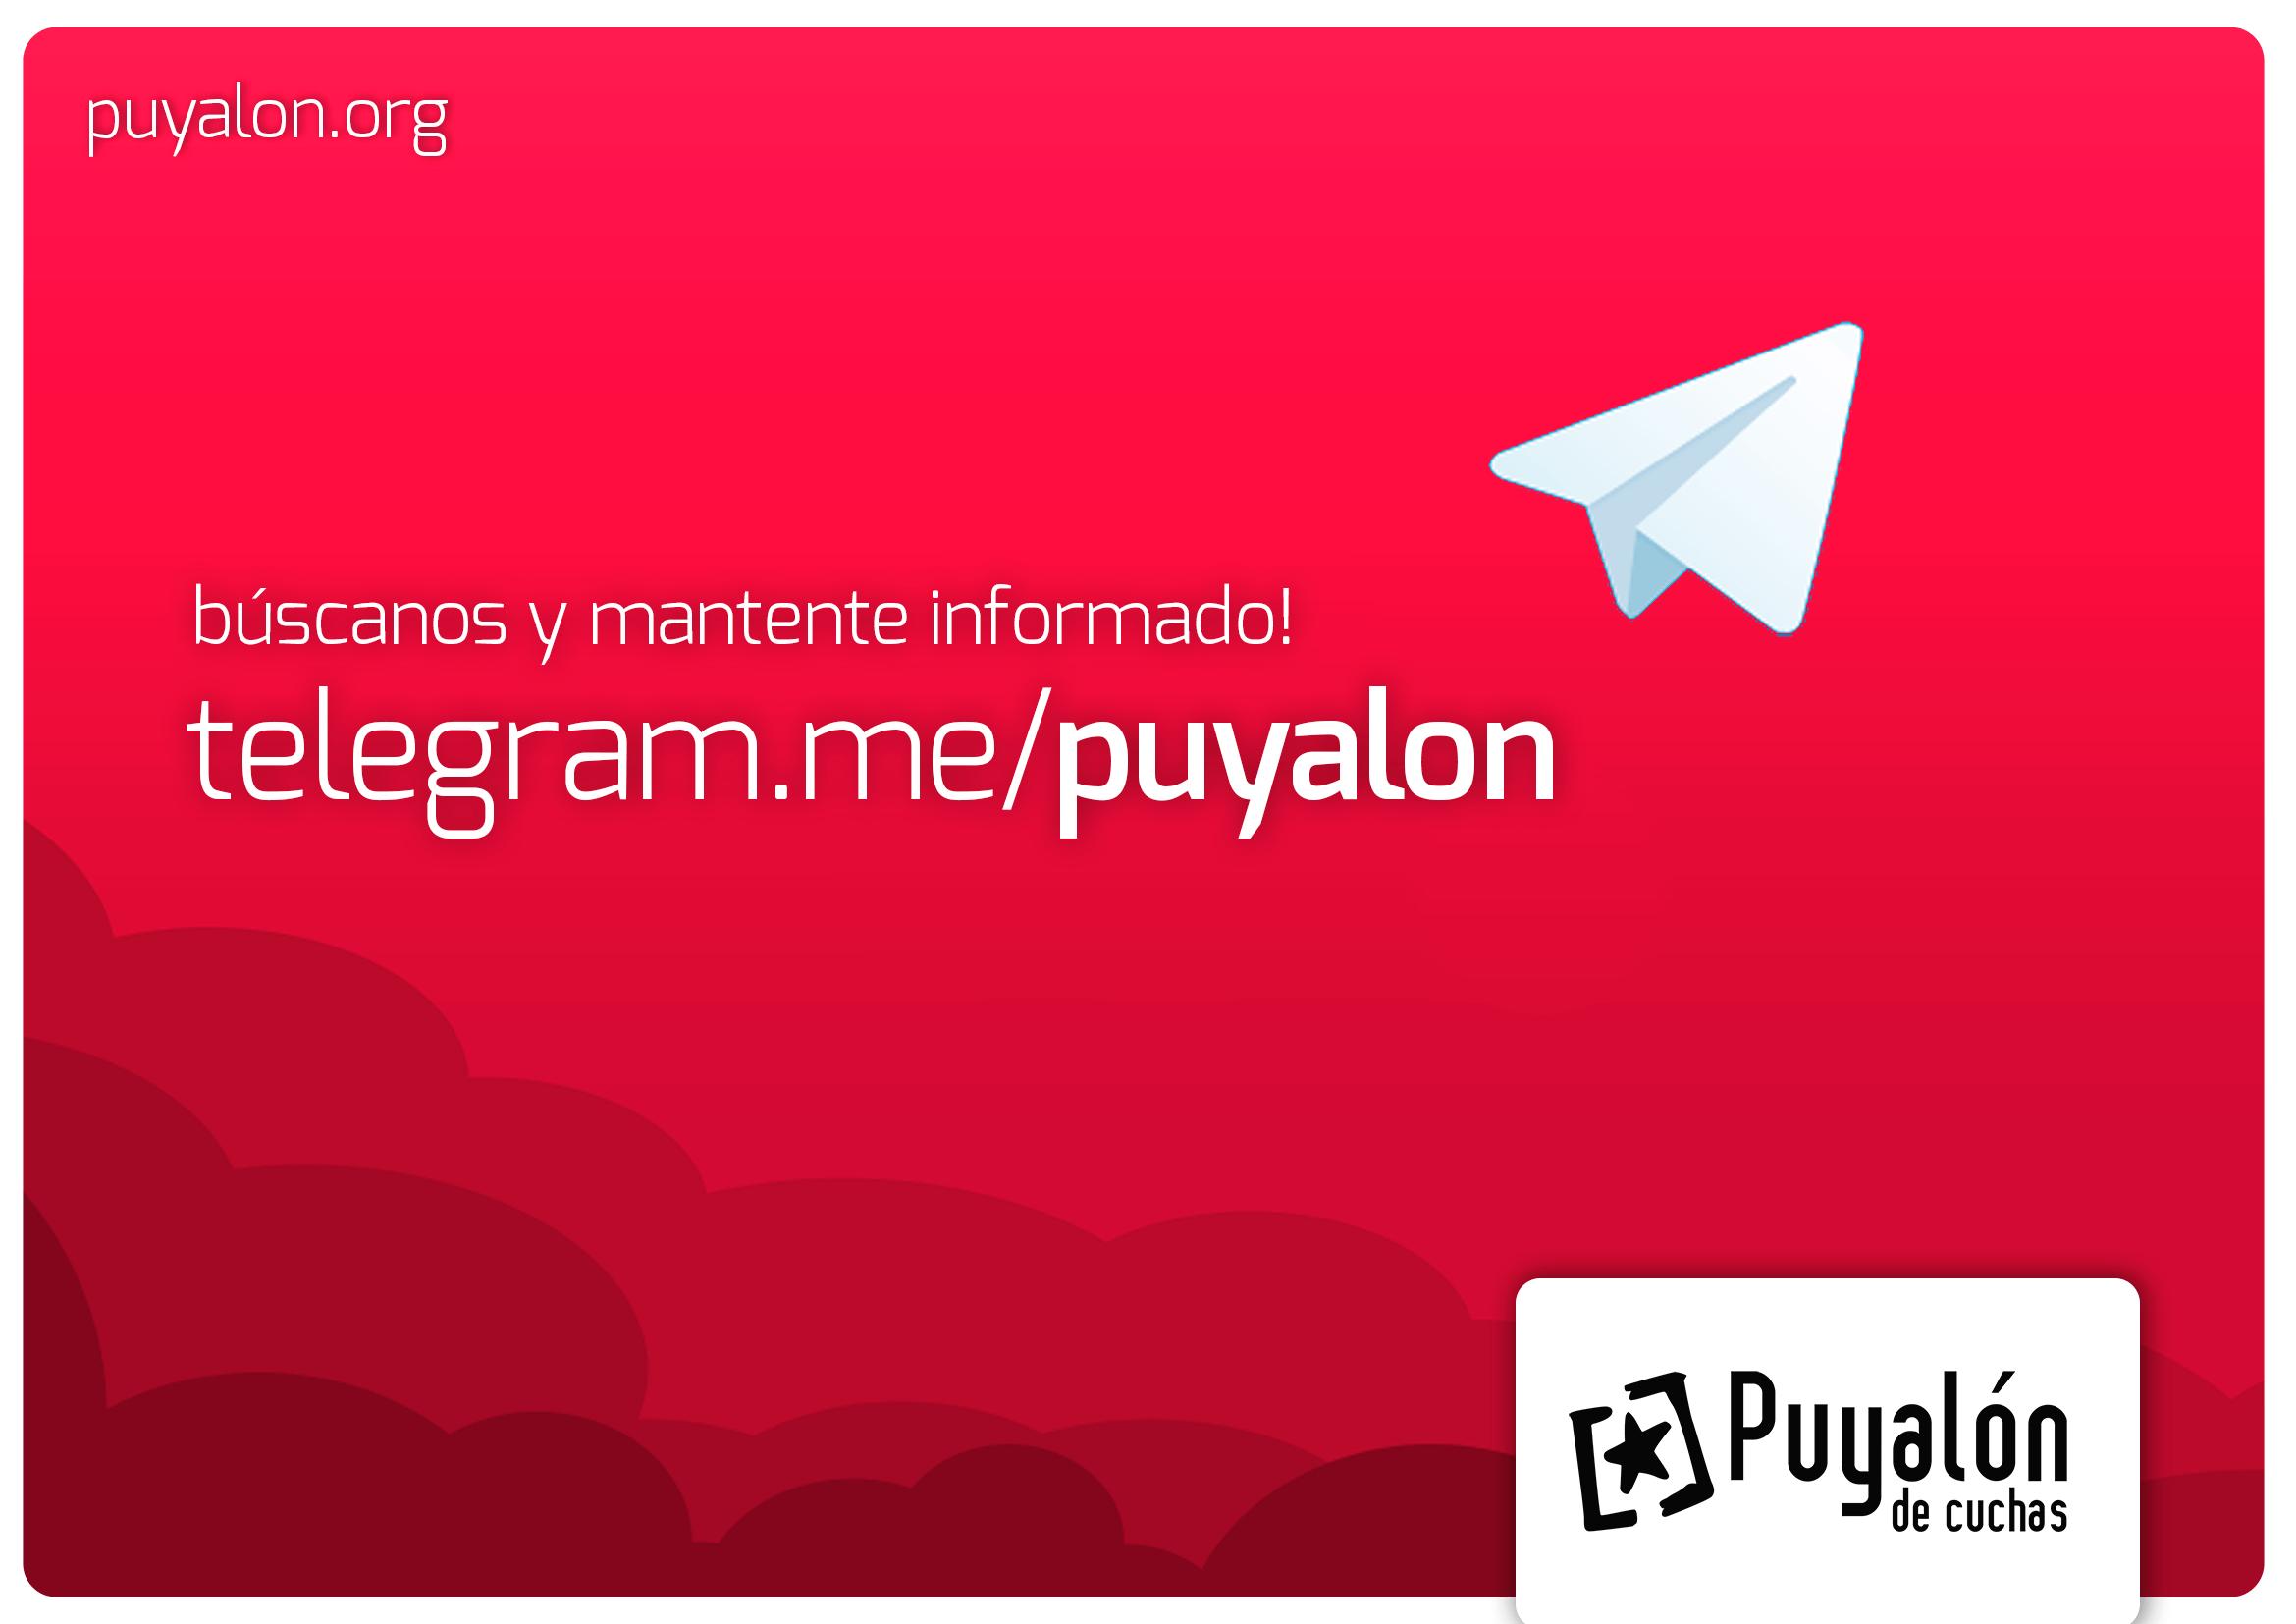 telegram puyalon